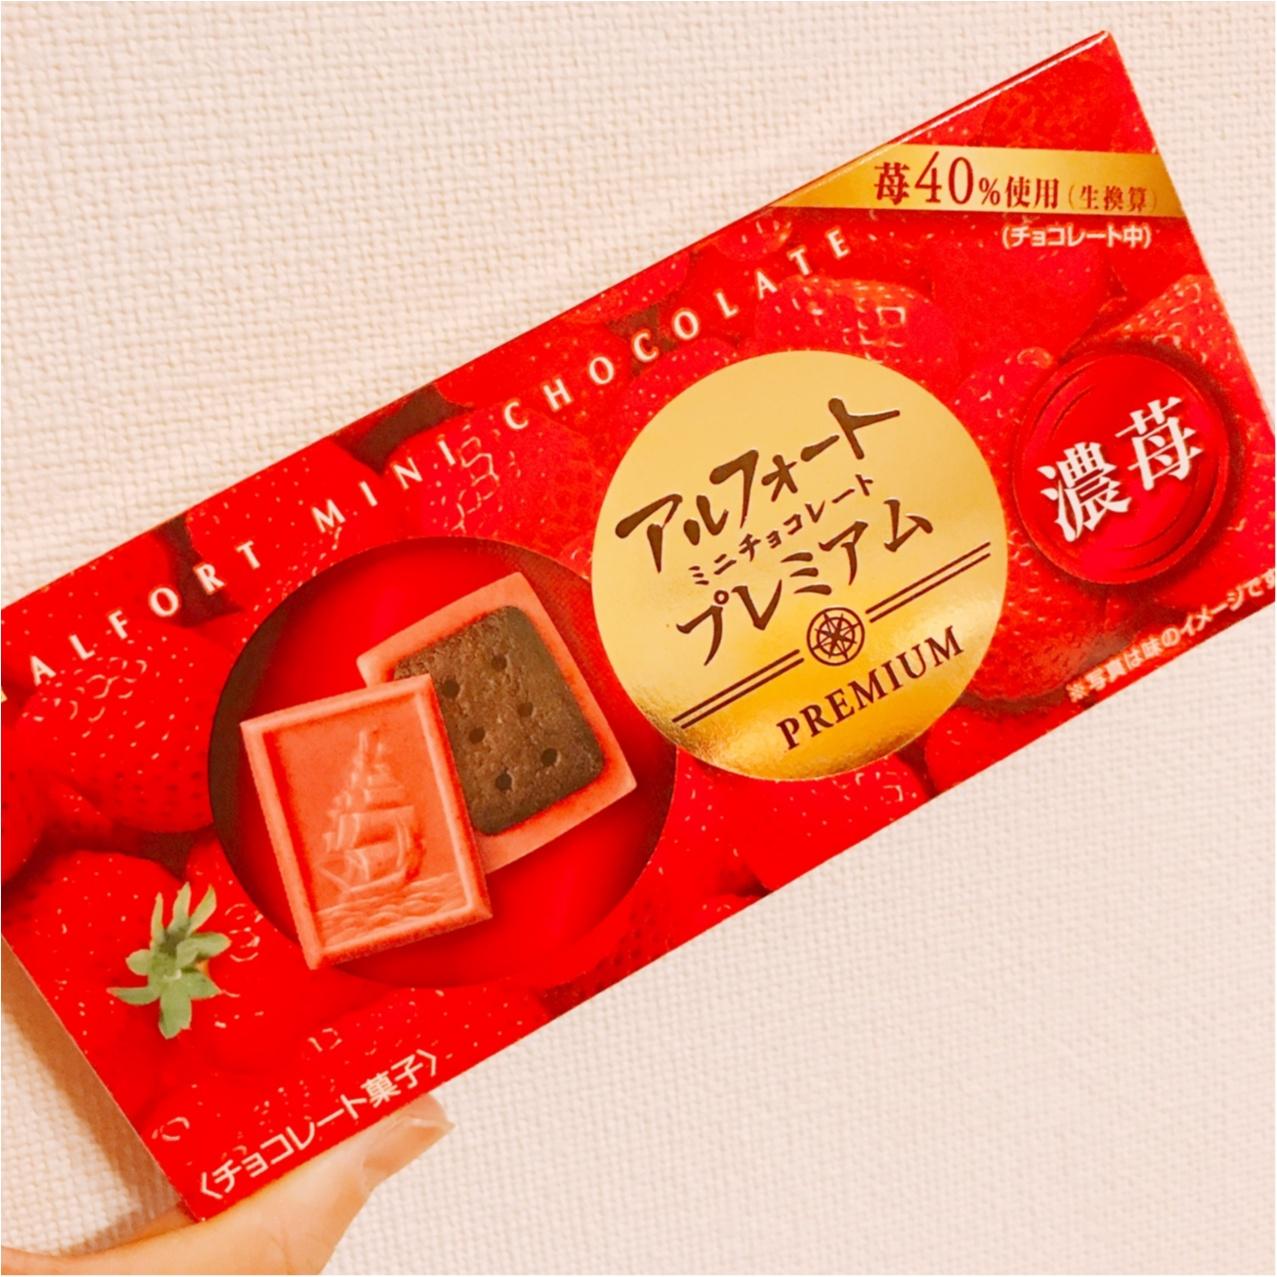 苺好きは絶対食べなきゃ♡《アルフォートミニチョコレートプレミアム濃苺》が登場!_1